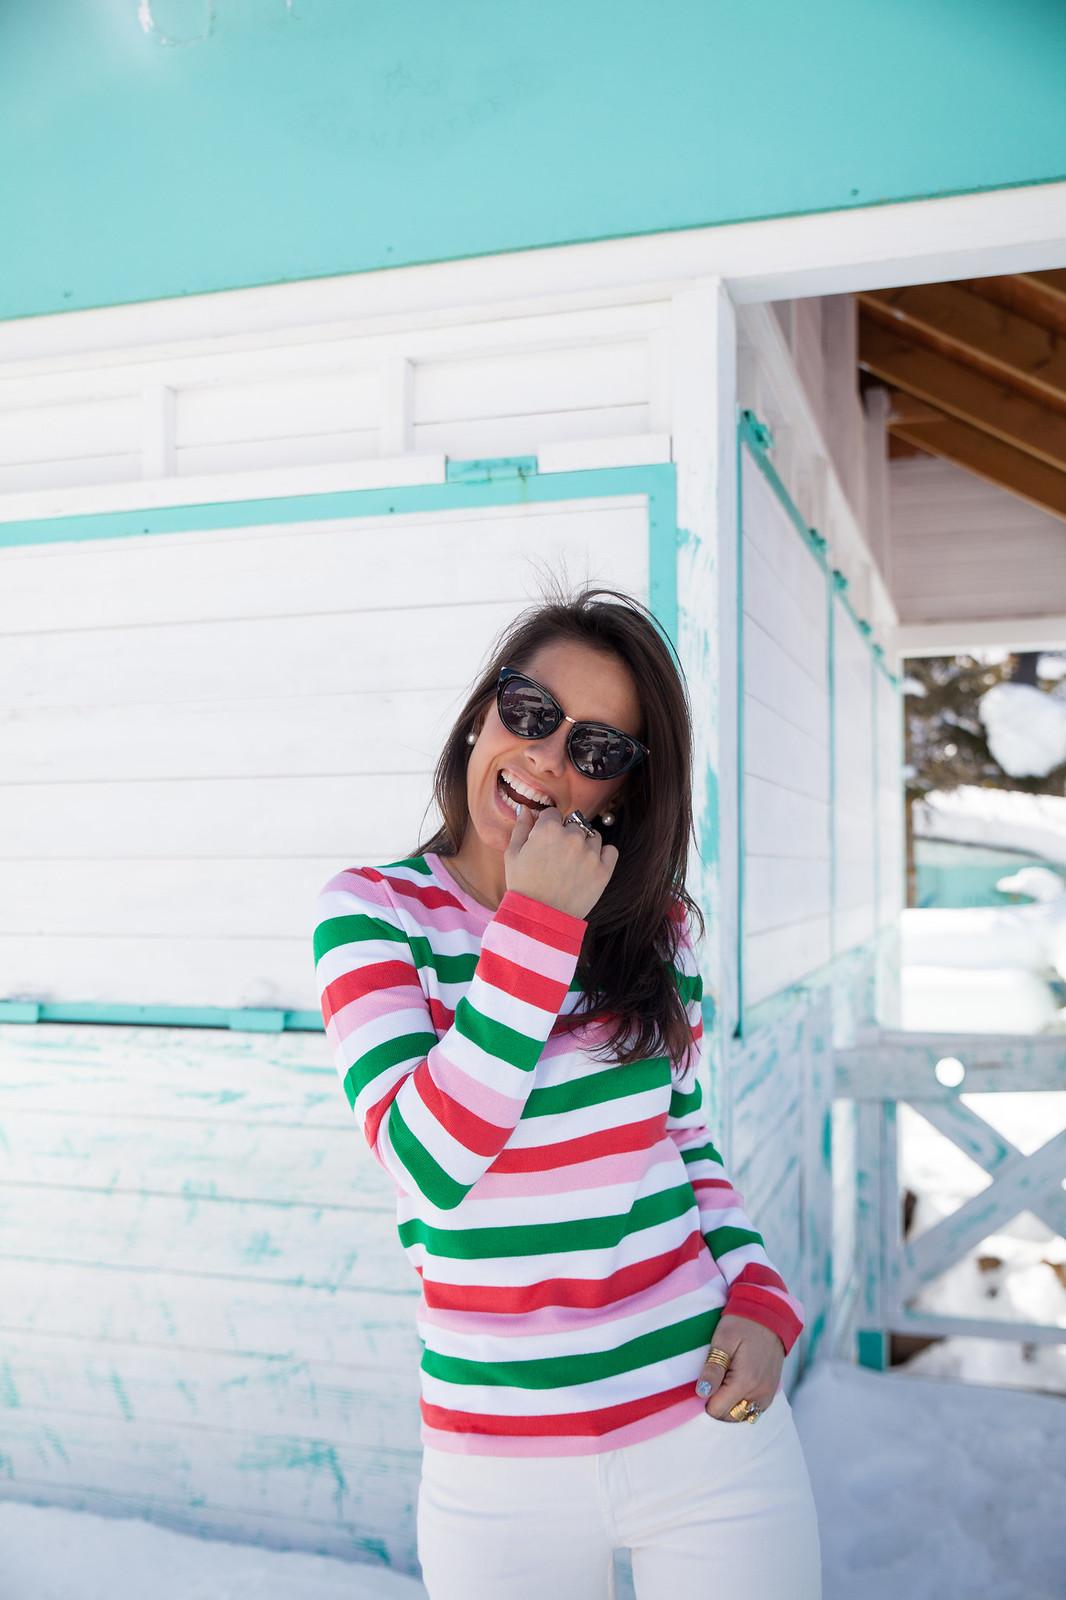 LOOK JERSEY RAYAS MULTICOLOR theguestgirl felicidad influencer barcelona spain laura santolaria look rayas rosas rojas verde loavies outfit